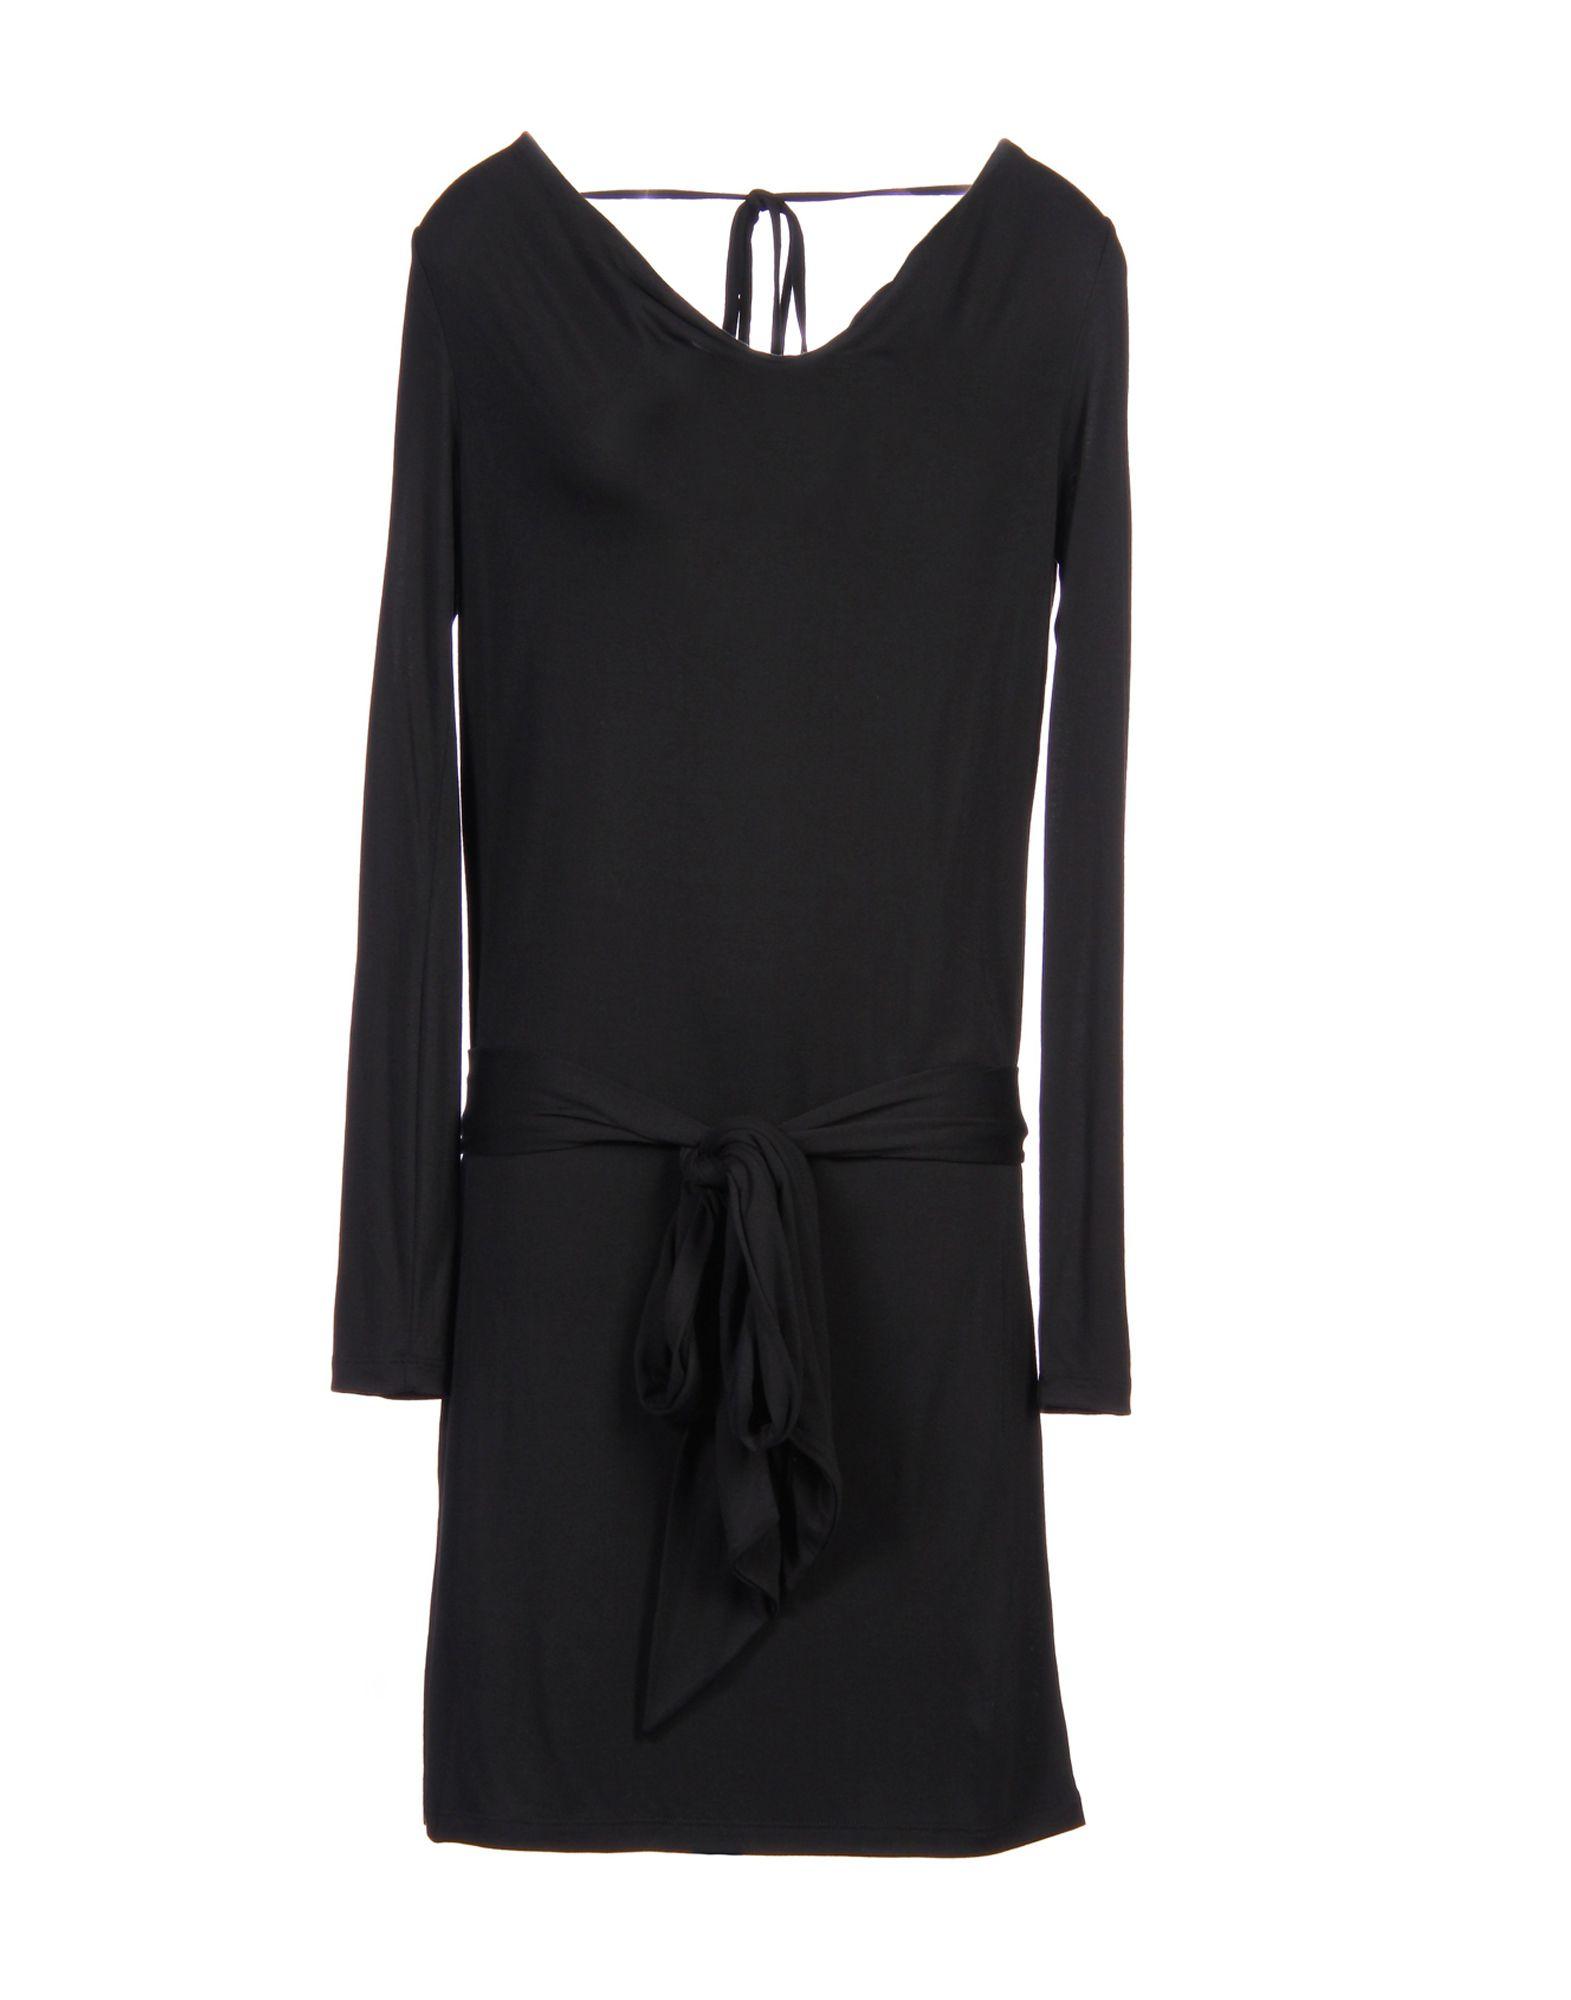 HAUTE HIPPIE Damen Kurzes Kleid Farbe Schwarz Größe 6